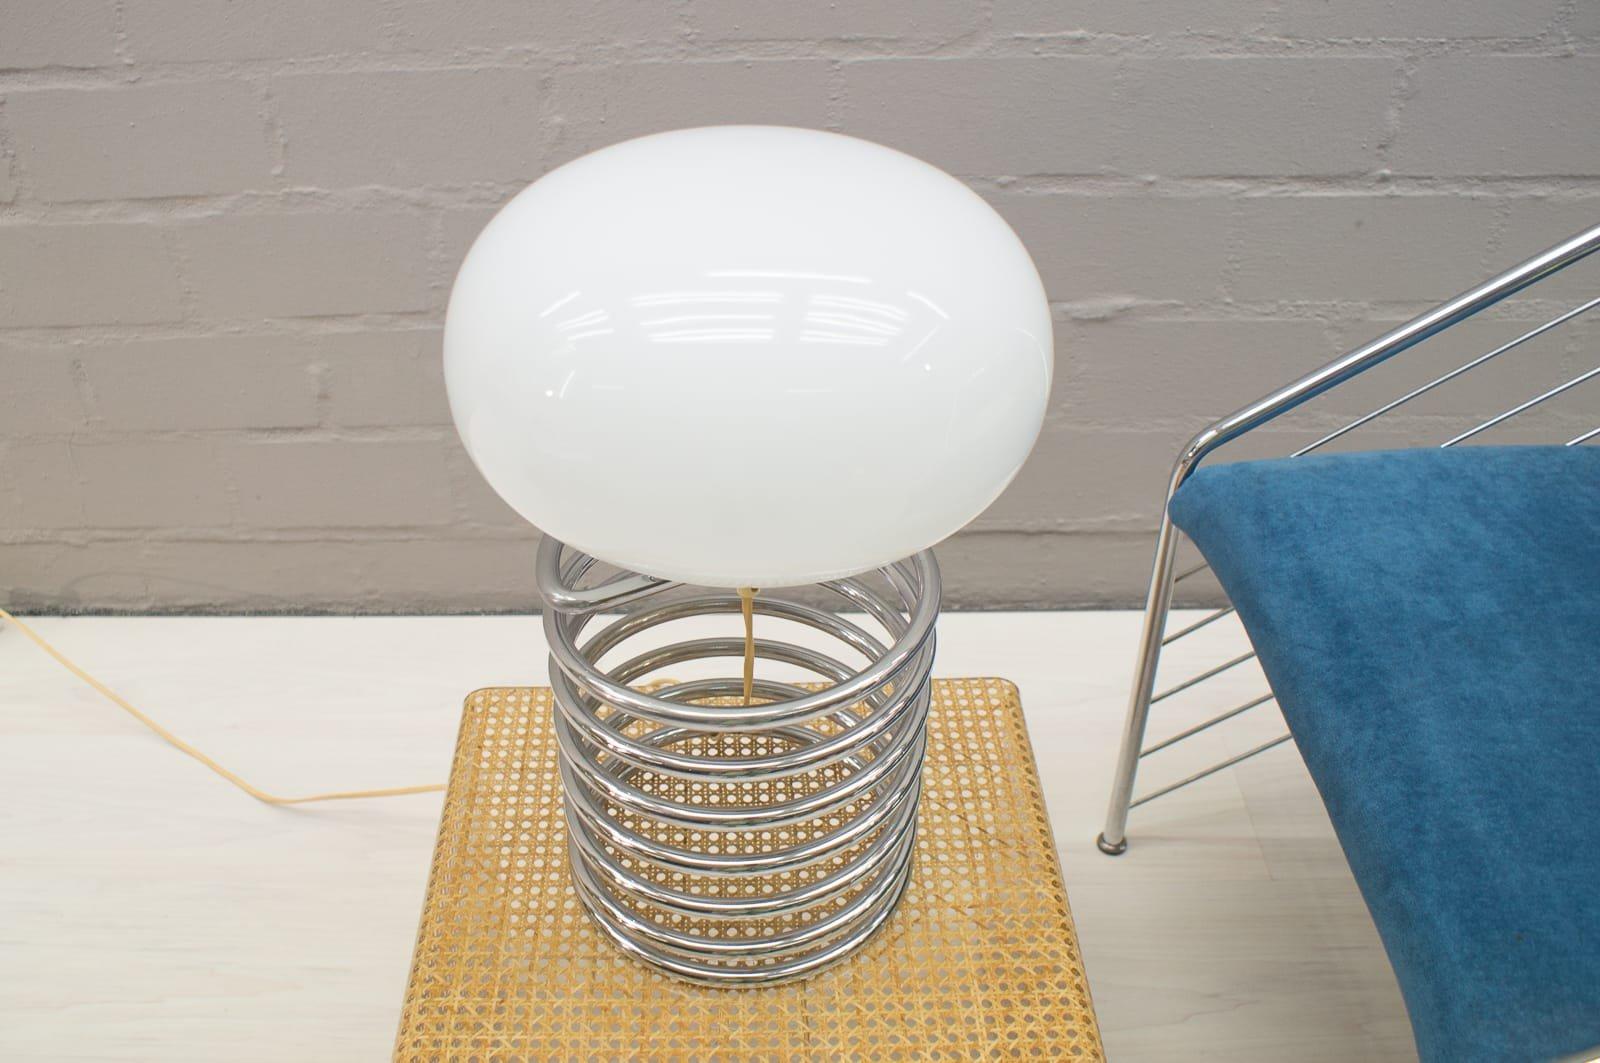 spiralen tischlampe aus chrom mit ovalem schirm aus opalglas 1960er bei pamono kaufen. Black Bedroom Furniture Sets. Home Design Ideas